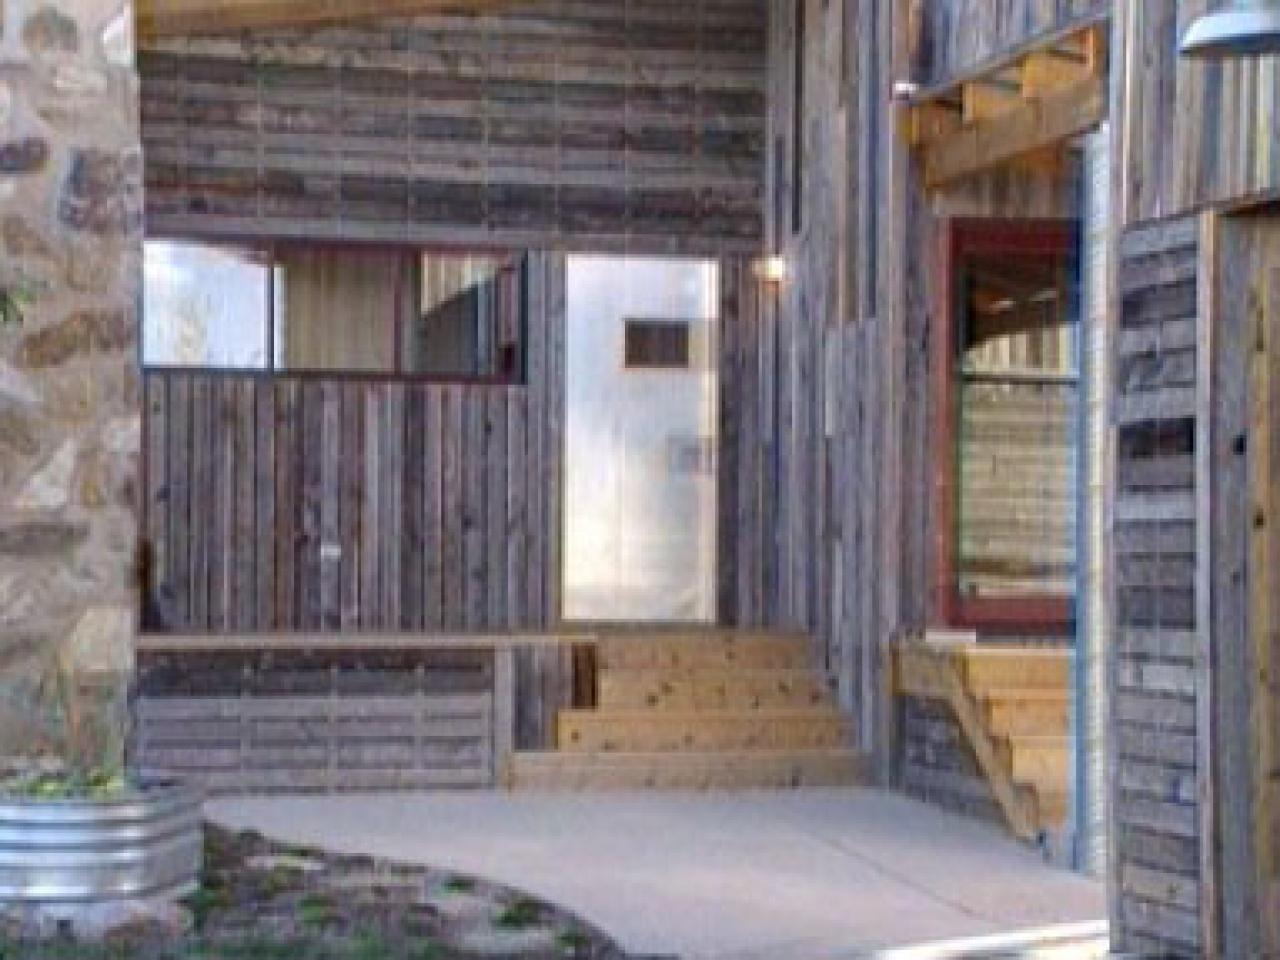 diy exterior door build. metal or steel front door adds security diy exterior build